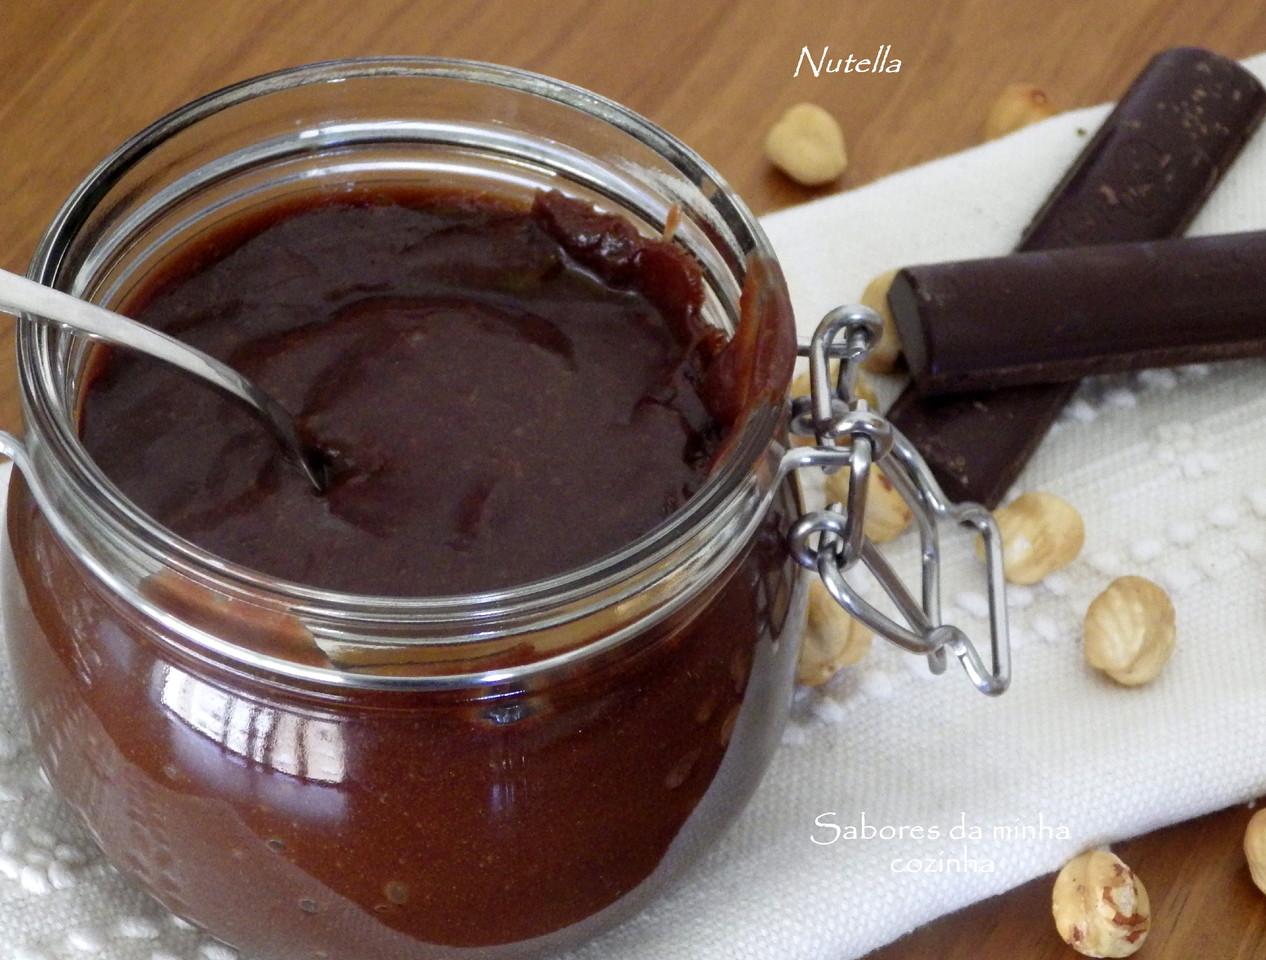 IMGP4796-Nutella-Blog.JPG